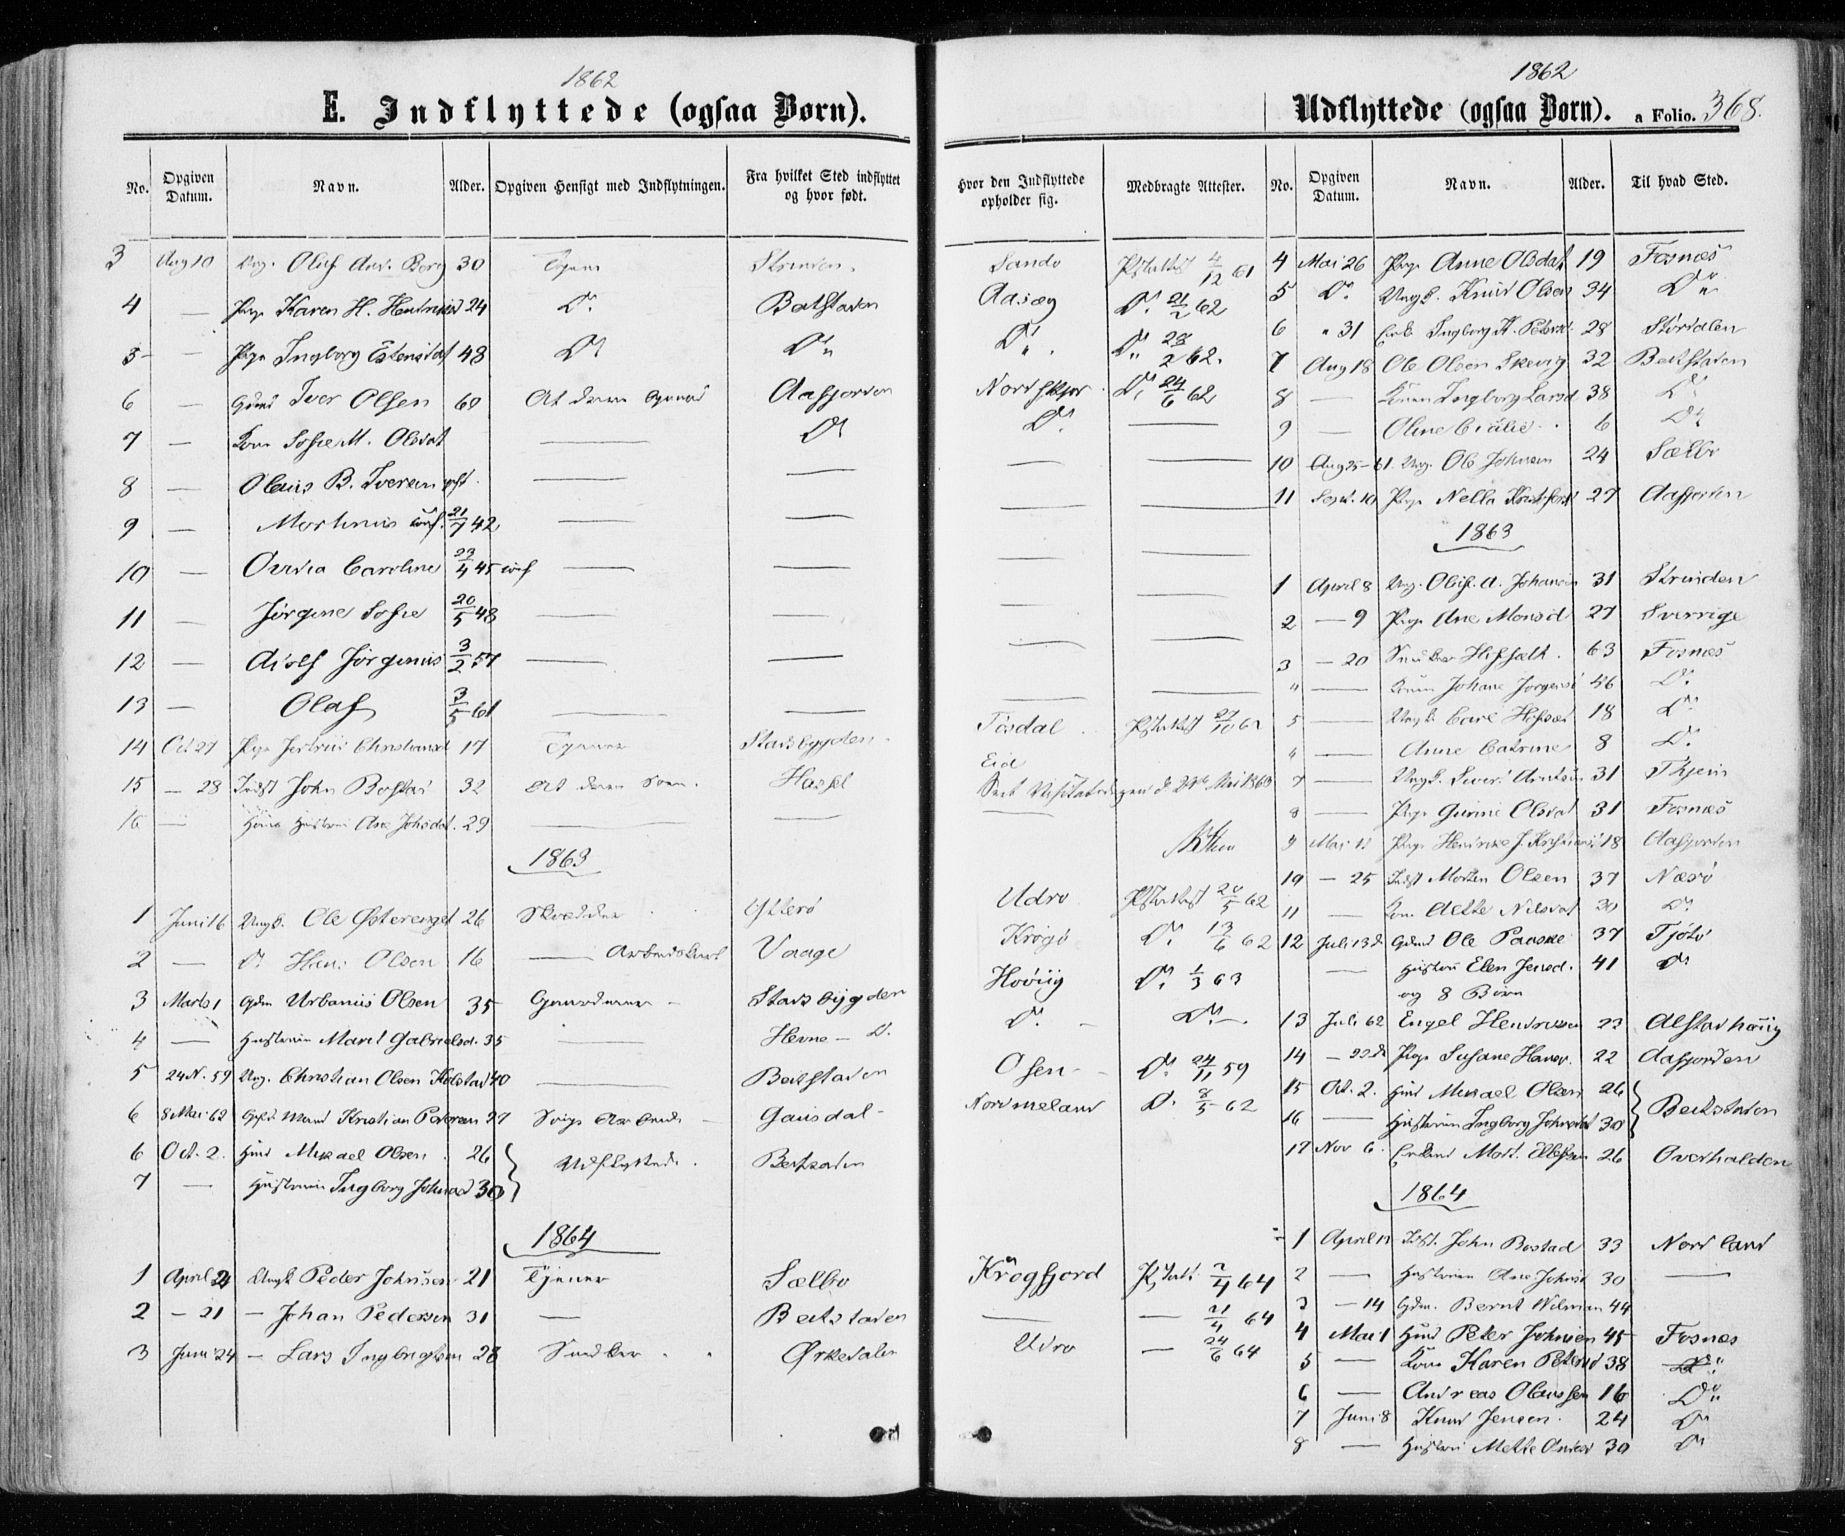 SAT, Ministerialprotokoller, klokkerbøker og fødselsregistre - Sør-Trøndelag, 657/L0705: Ministerialbok nr. 657A06, 1858-1867, s. 368